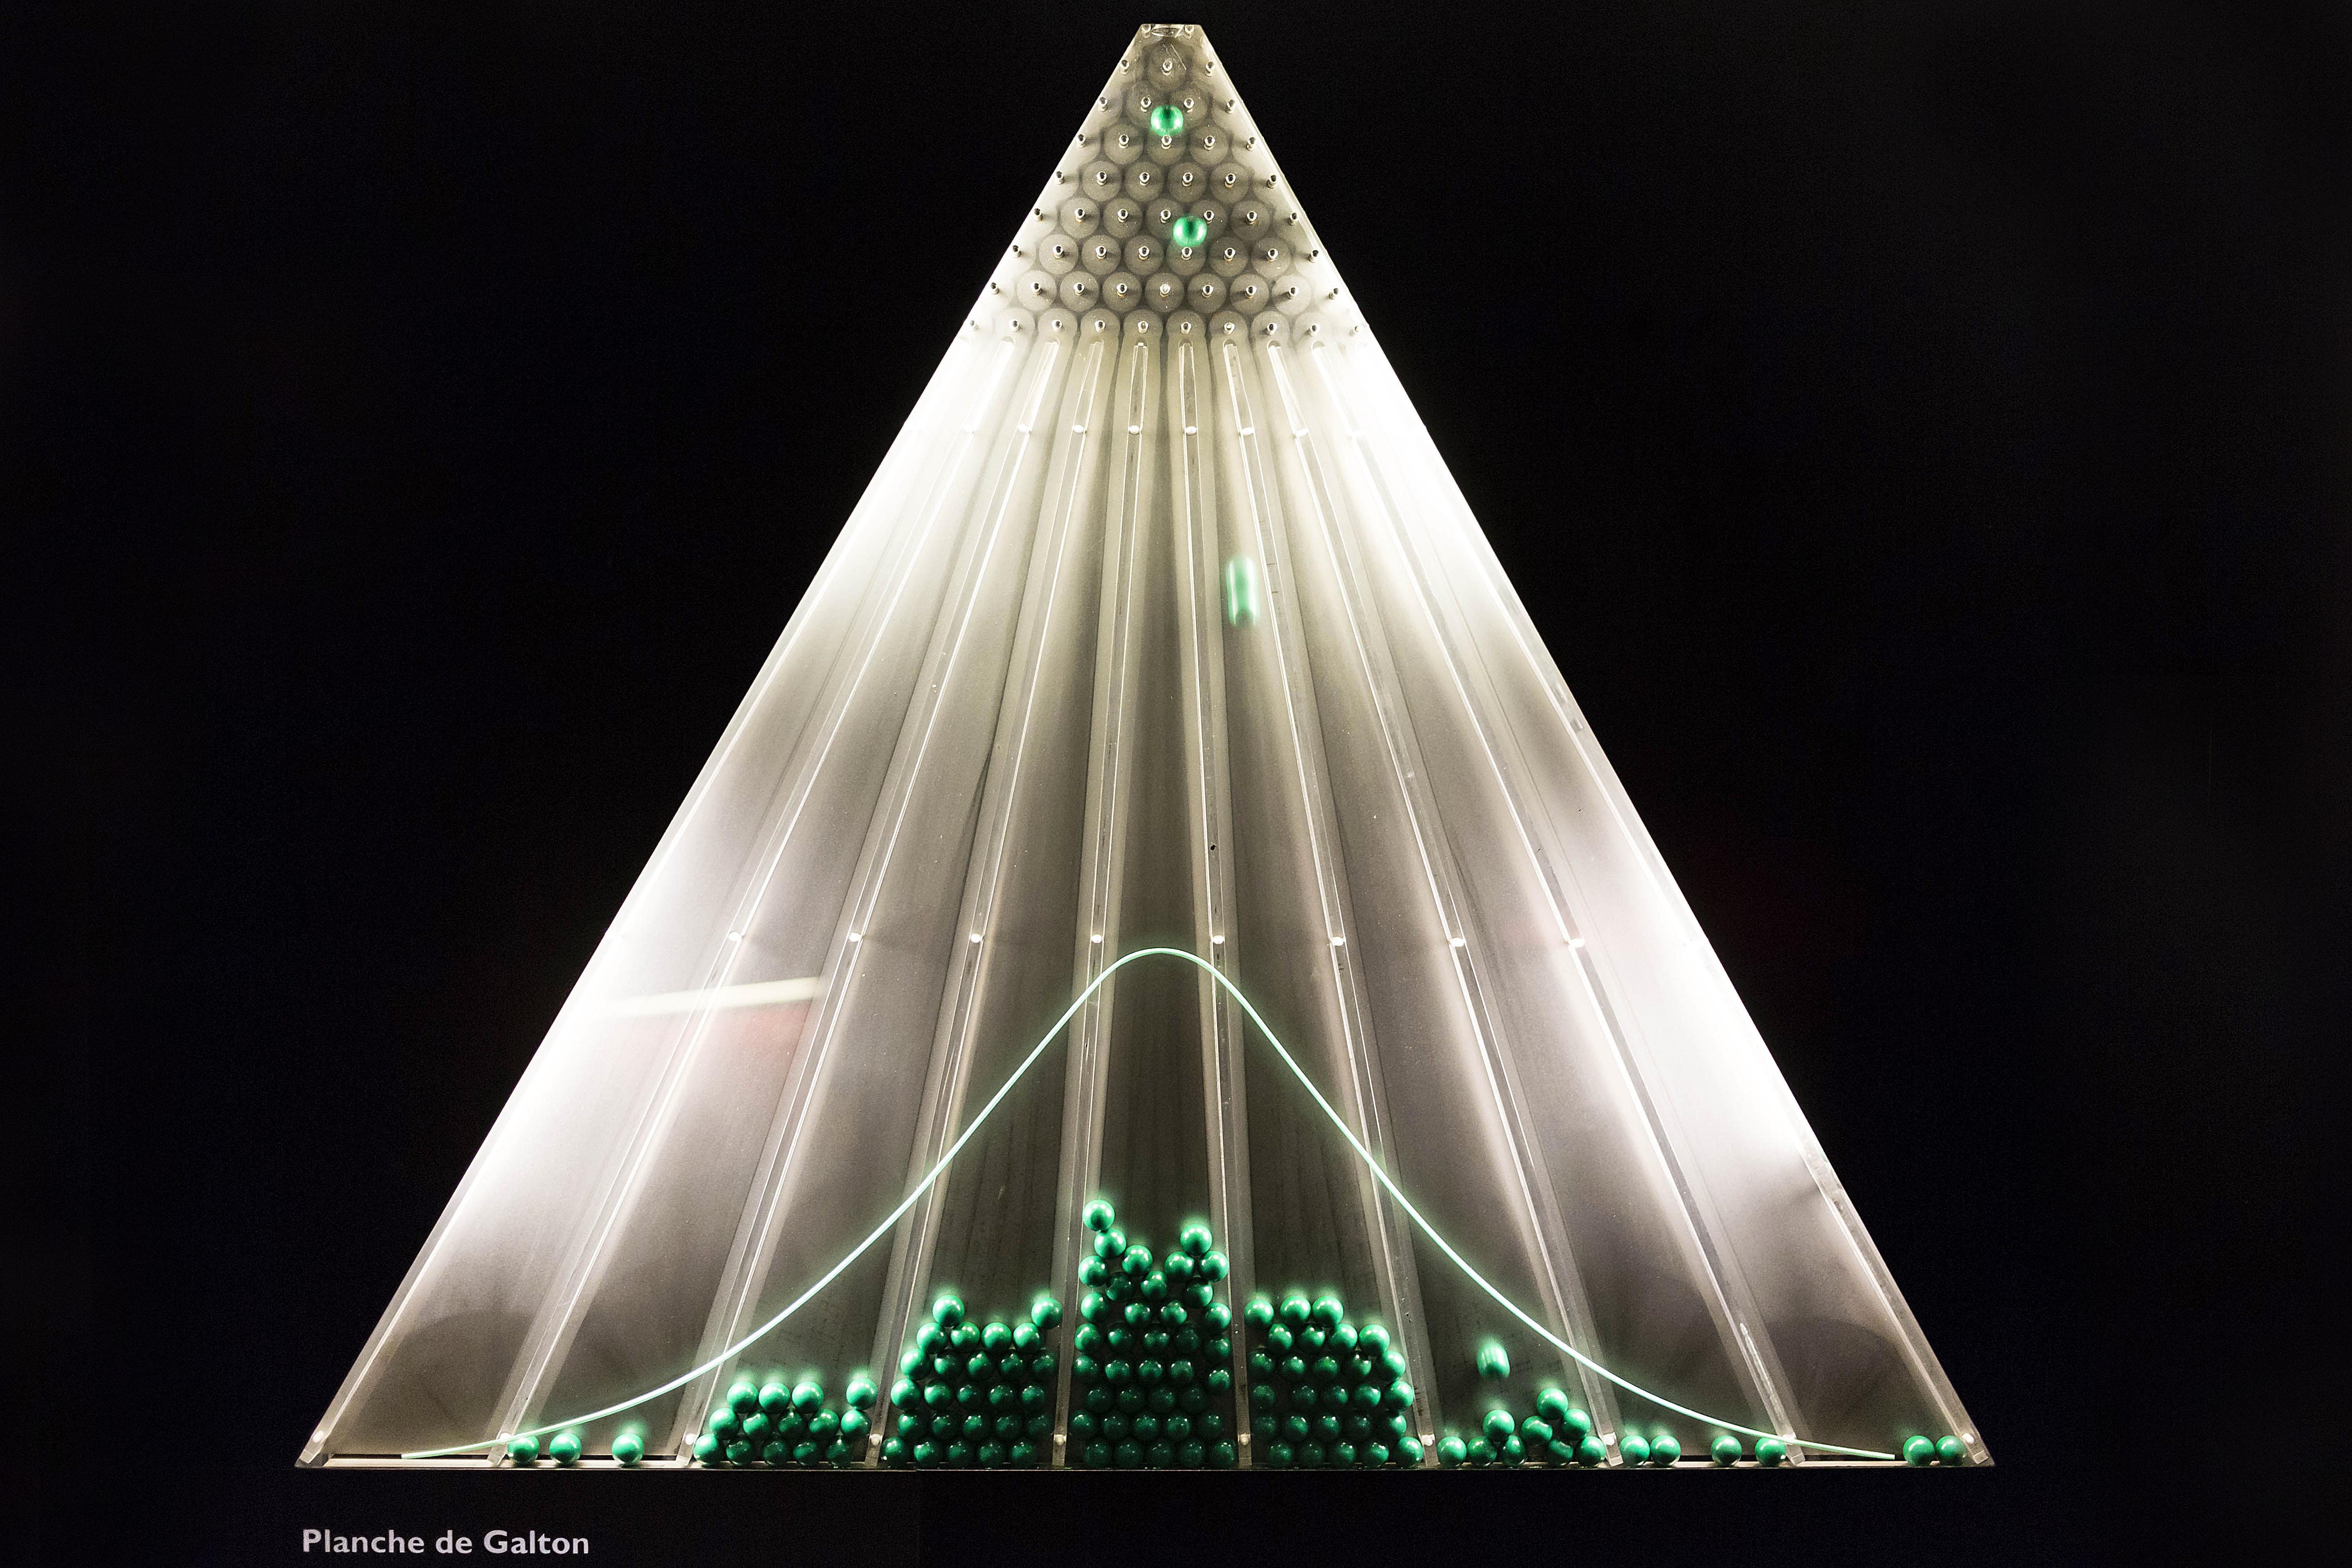 Planche de Galton, CitŽ des Sciences et de l'Industrie, Paris. © Arnaud Robin / + 33 (0) 6 76 23 38 34 http://www.arnaudrobin.net arnaudrobin@free.fr *** Local Caption ***